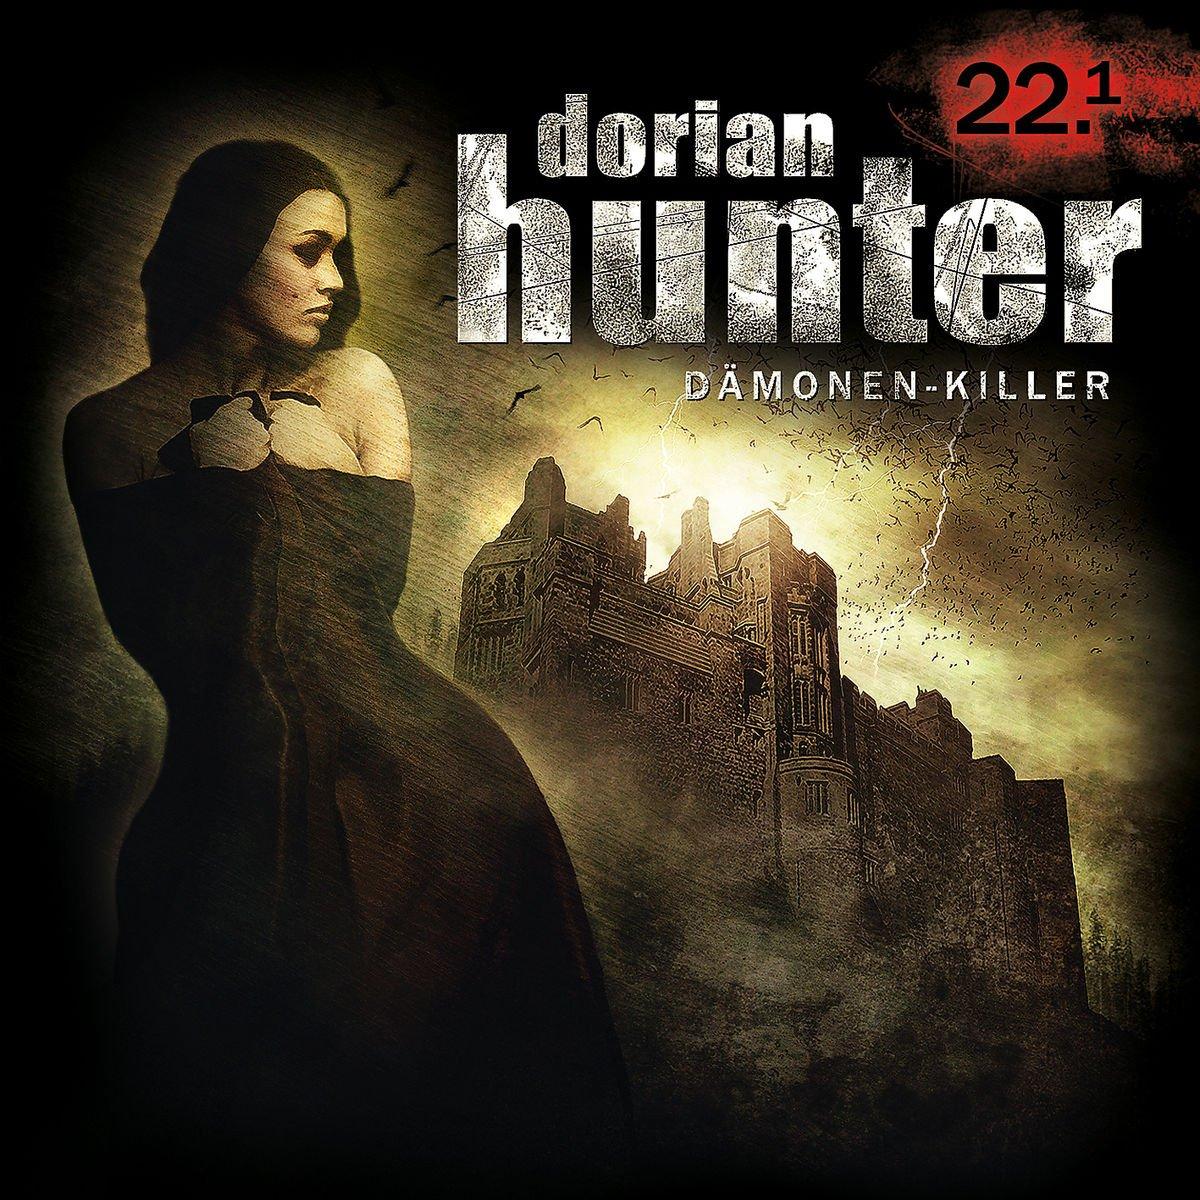 Dorian Hunter (22.1) Esmeralda - Vergeltung (Folgenreich)